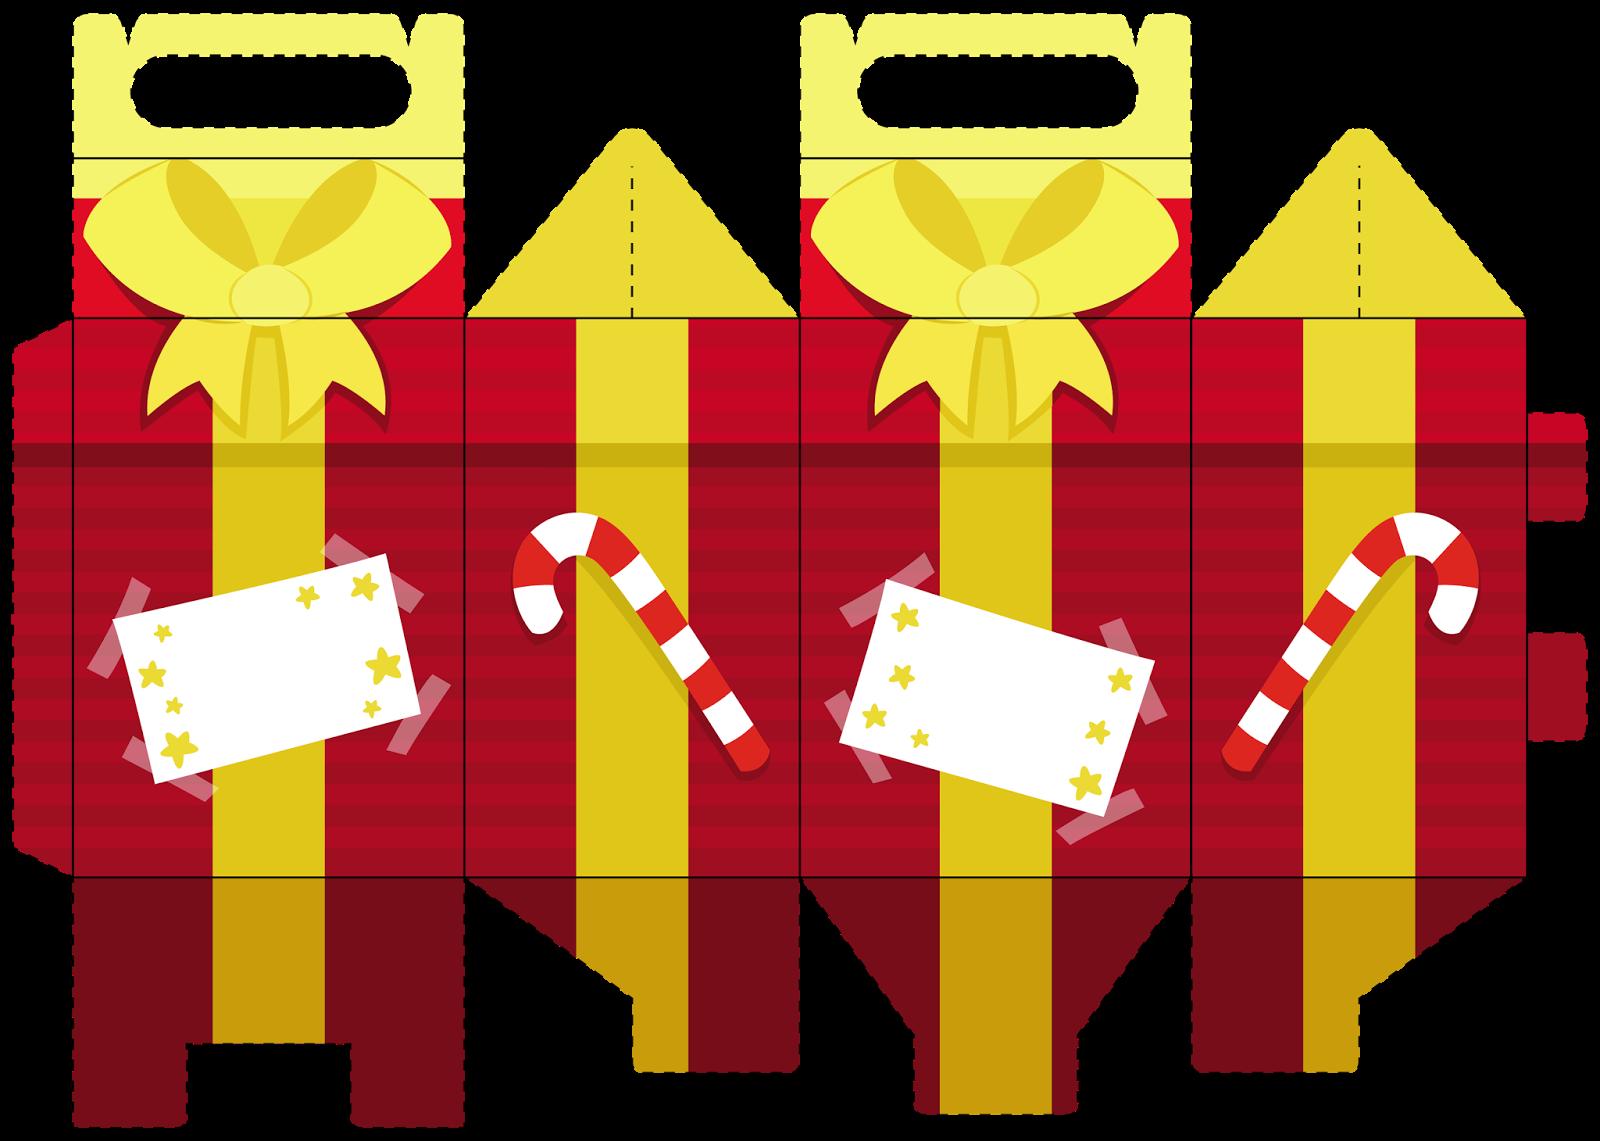 Caixinhas De Natal Caixas De Natal Natal E Paginas Para Colorir